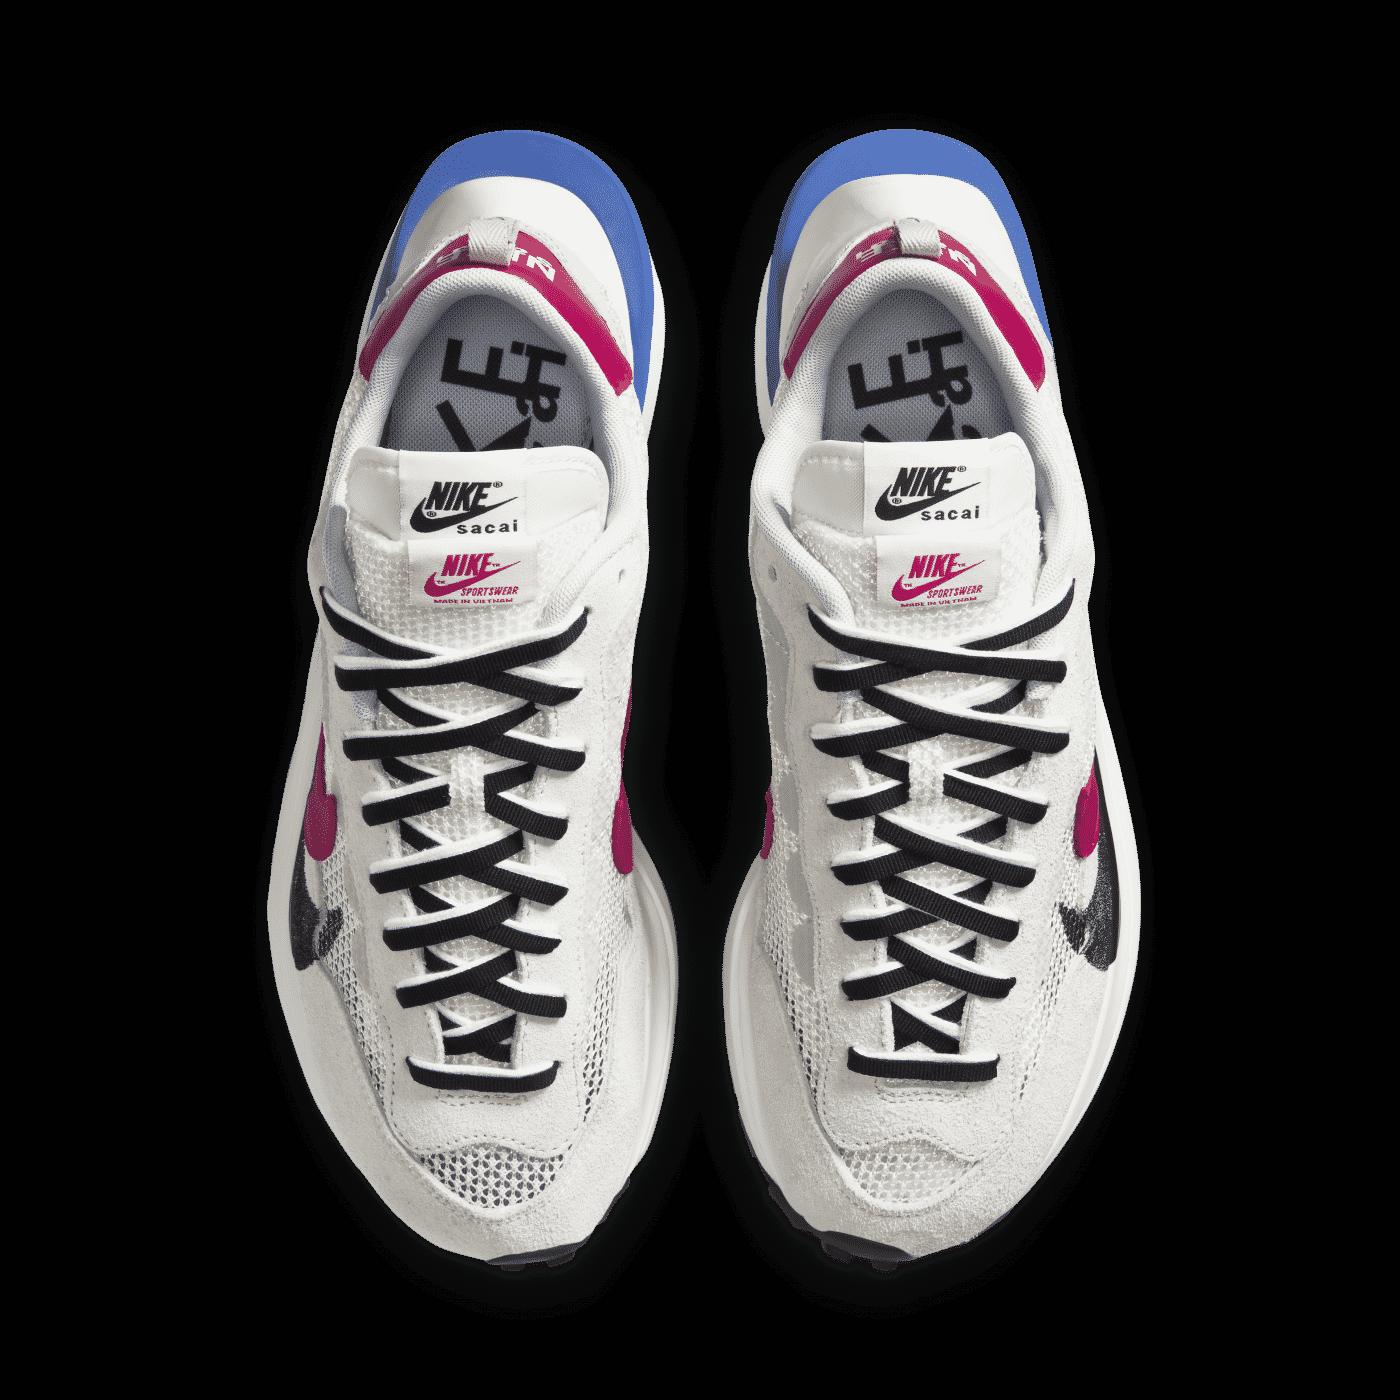 Nike_sacai_Vaporwaffle_beige_4